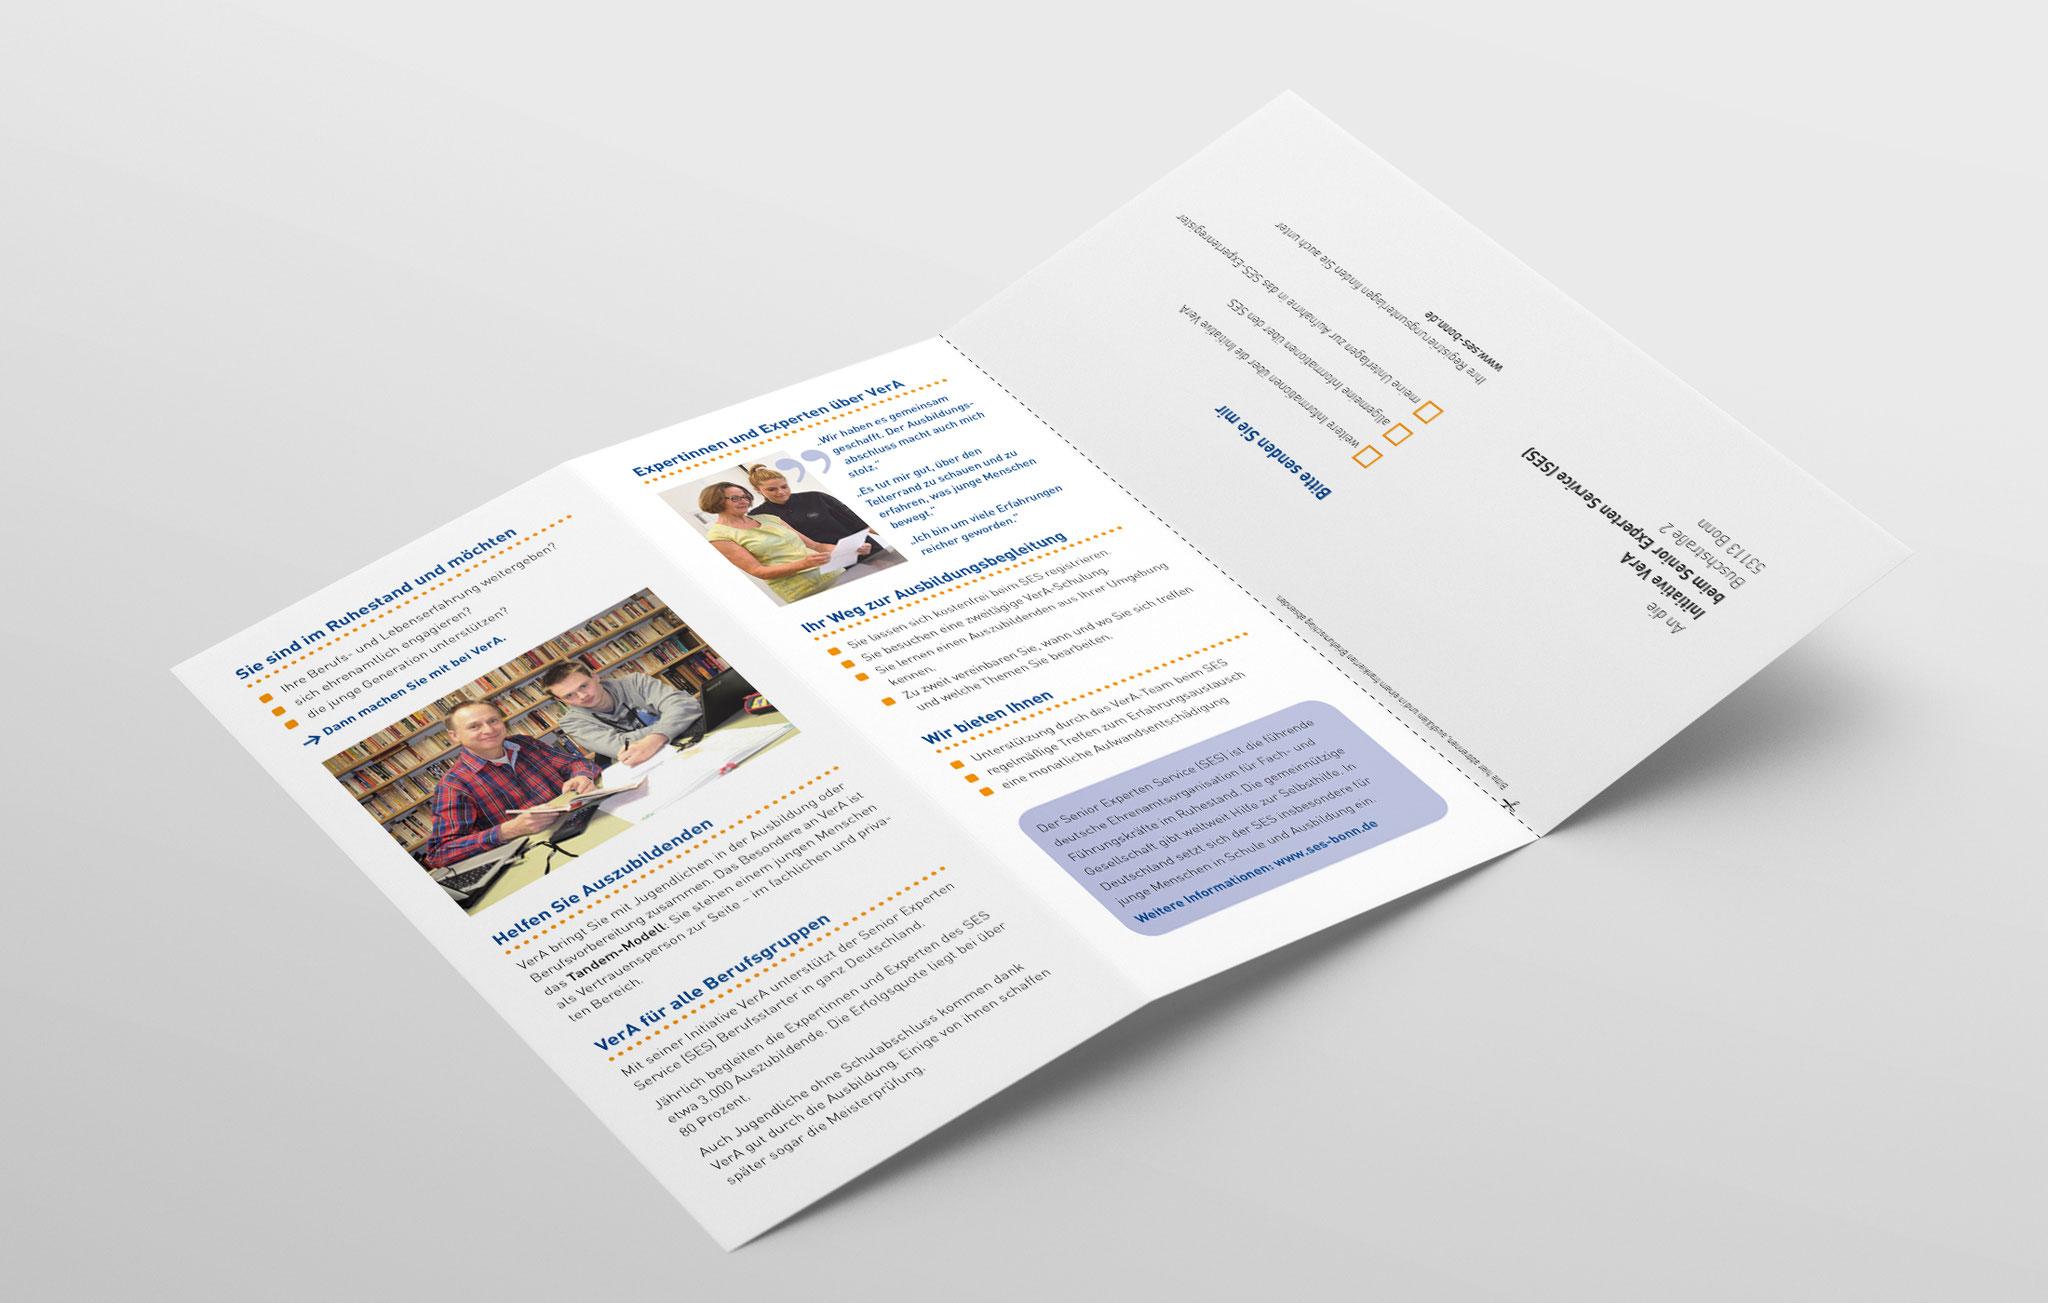 Faltblatt VerA für Senior-Experten, Innenseite